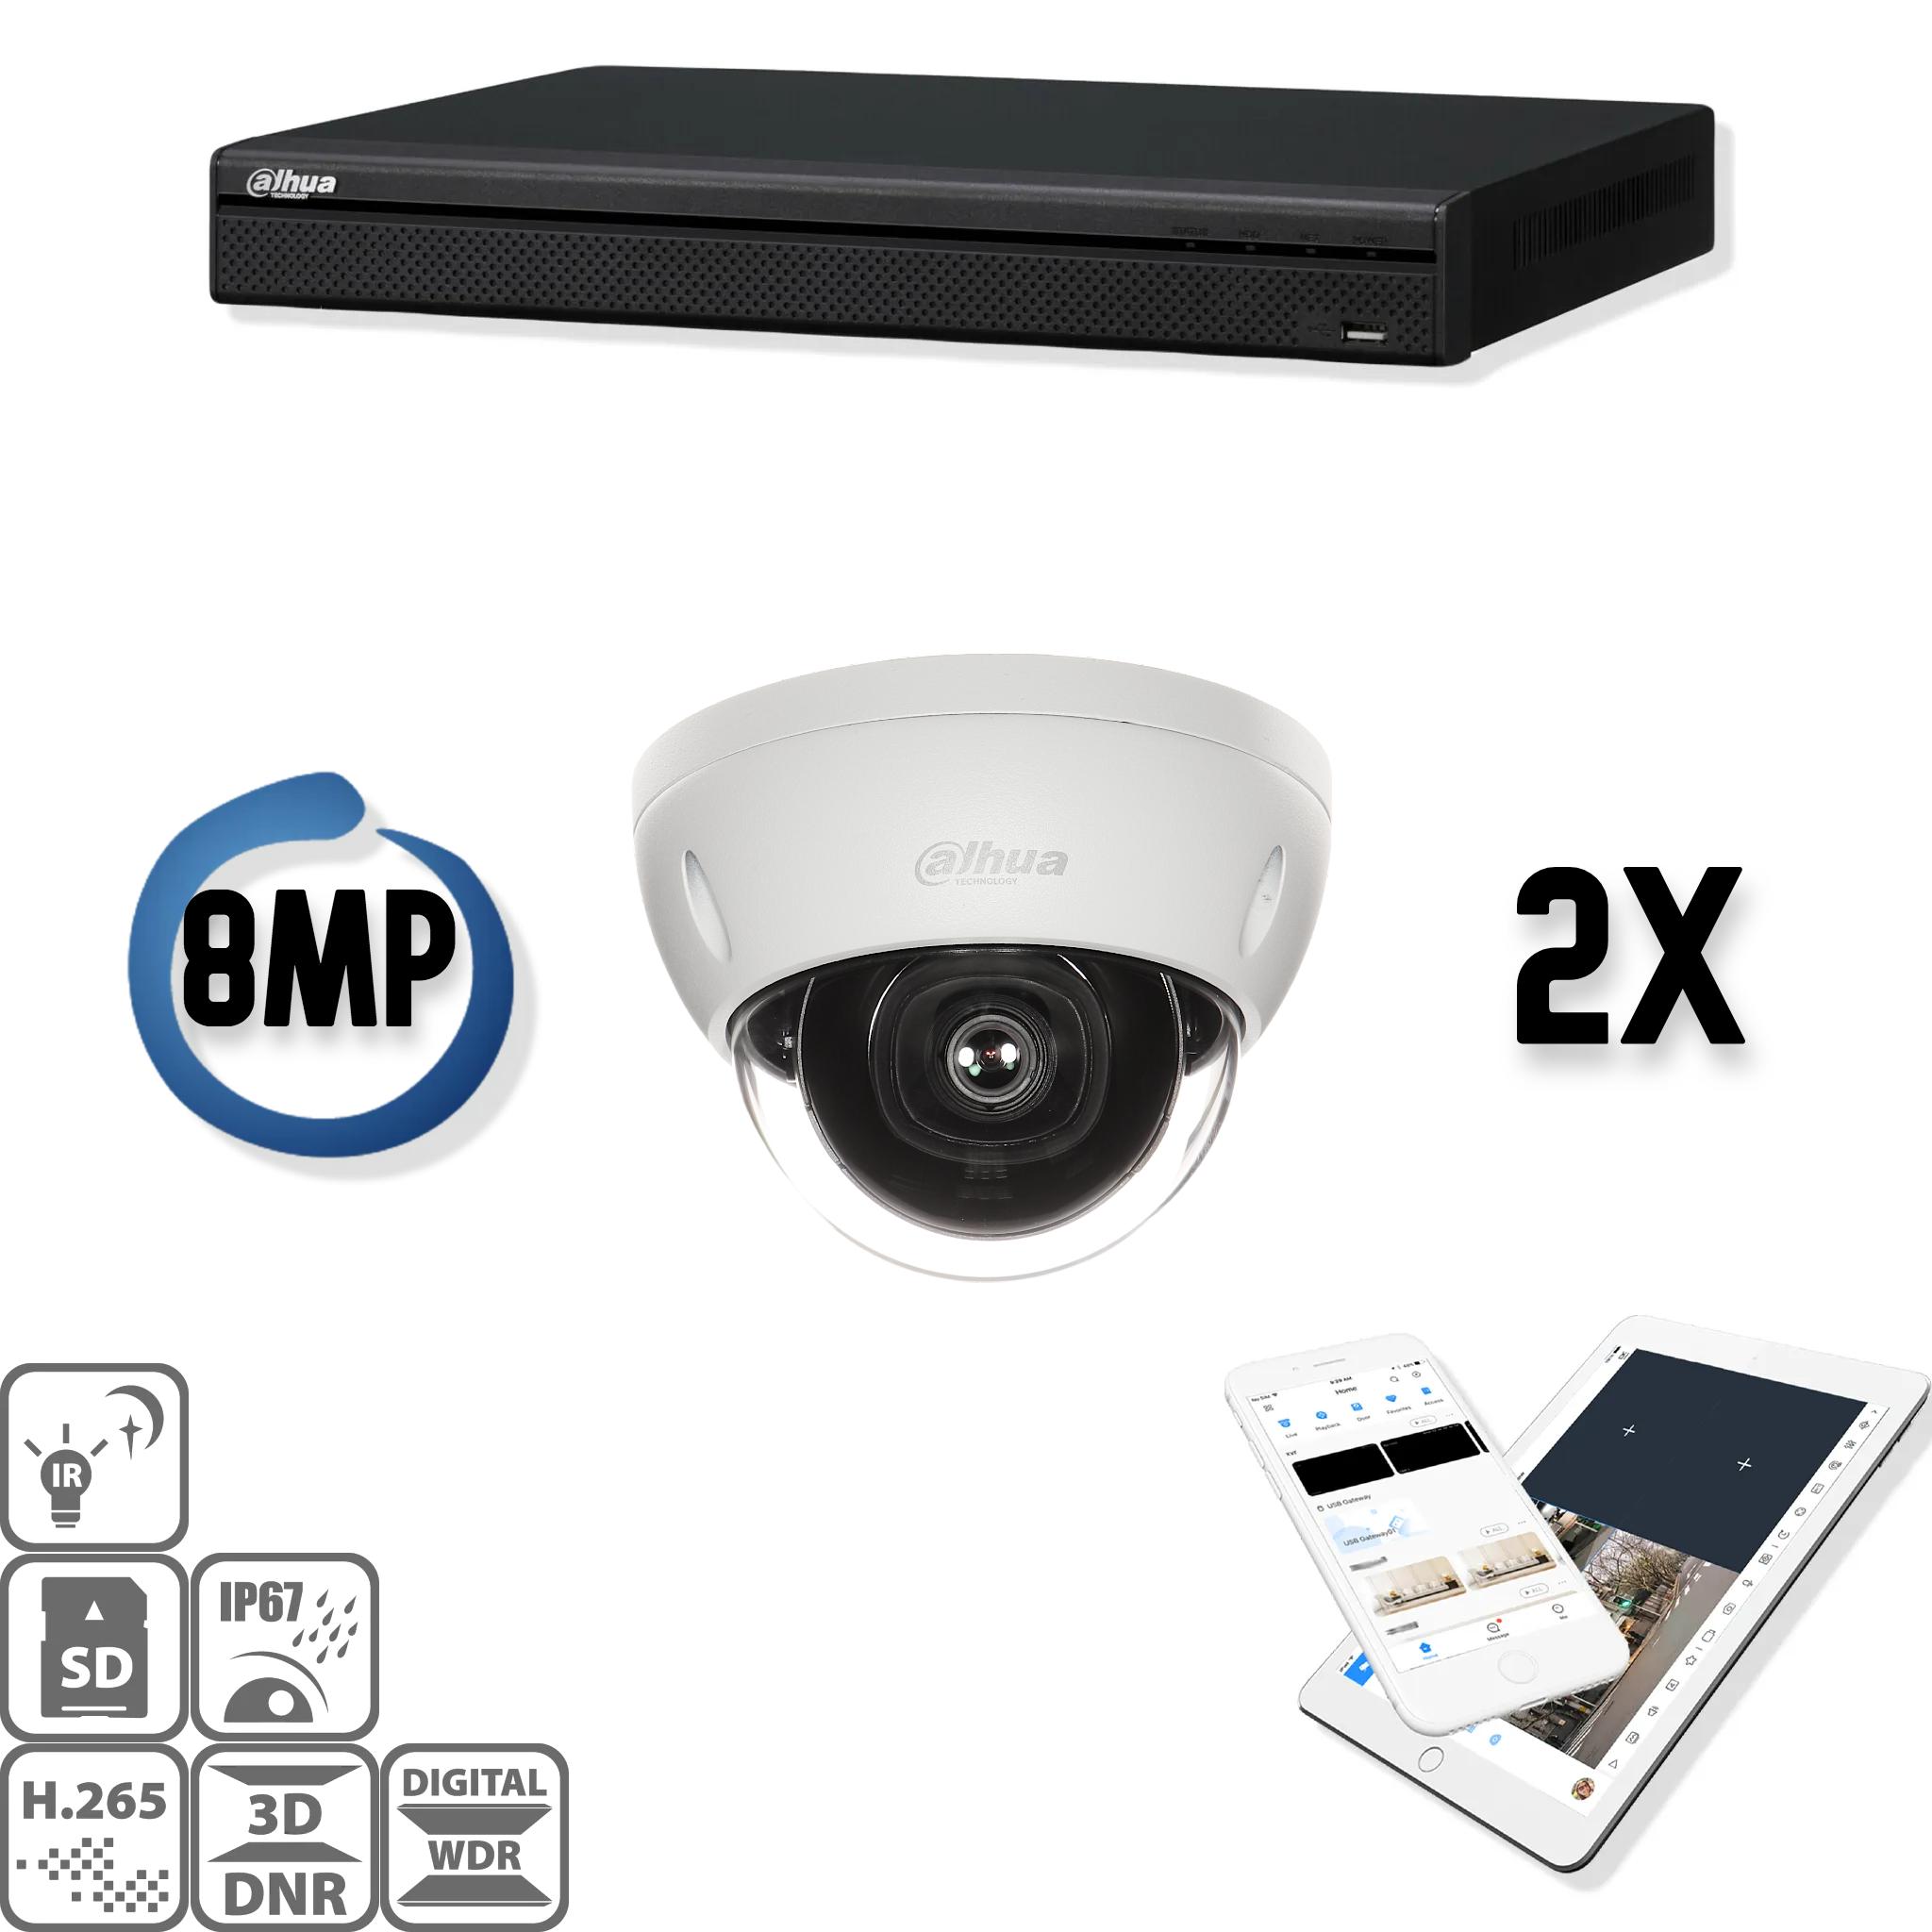 IP kit 2x domo 8mp ultra HD camera security set contiene 2 cámaras IP, que son aptas para exteriores. Las cámaras tienen una calidad de imagen Ultra HD con LED IR para una vista perfecta en la oscuridad. Este conjunto de cámaras IP Ultra HD ofrece una cal